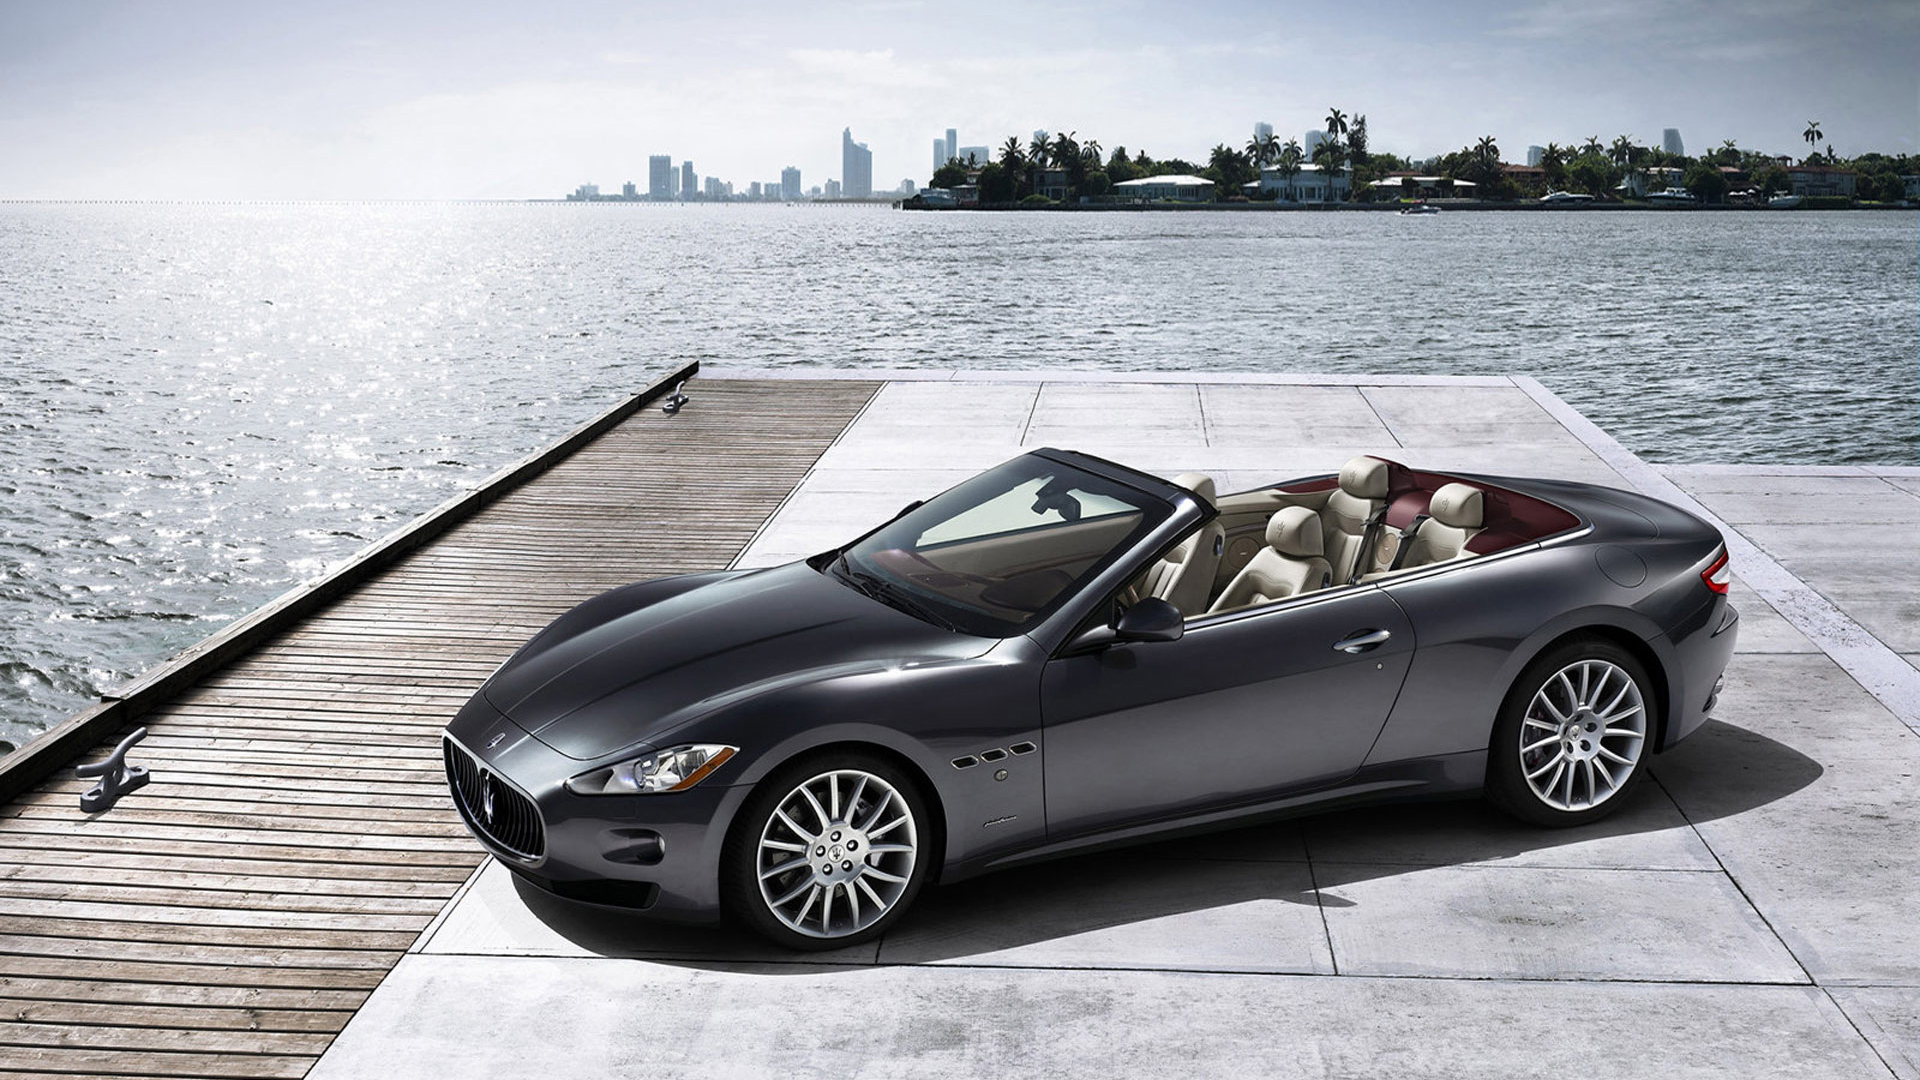 Wallpaper del Maserati GranCabrio Auto Show Desktop Backgrounds free